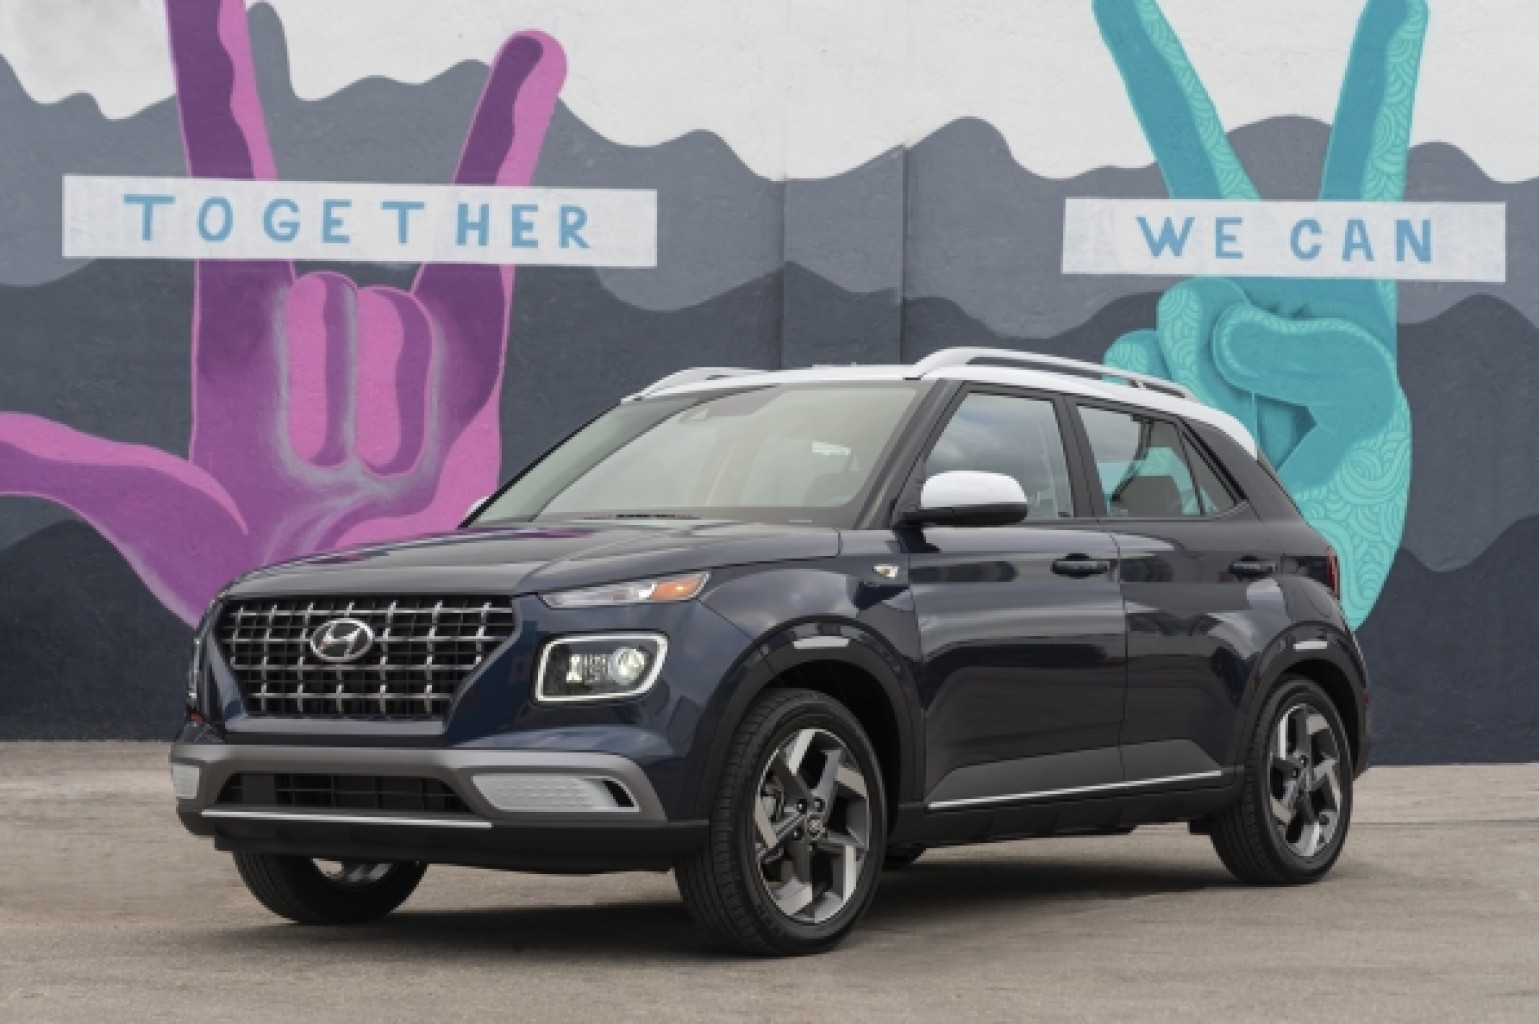 Un nuevo modelo de Hyundai atrae  fuertemente a los compradores hispanos